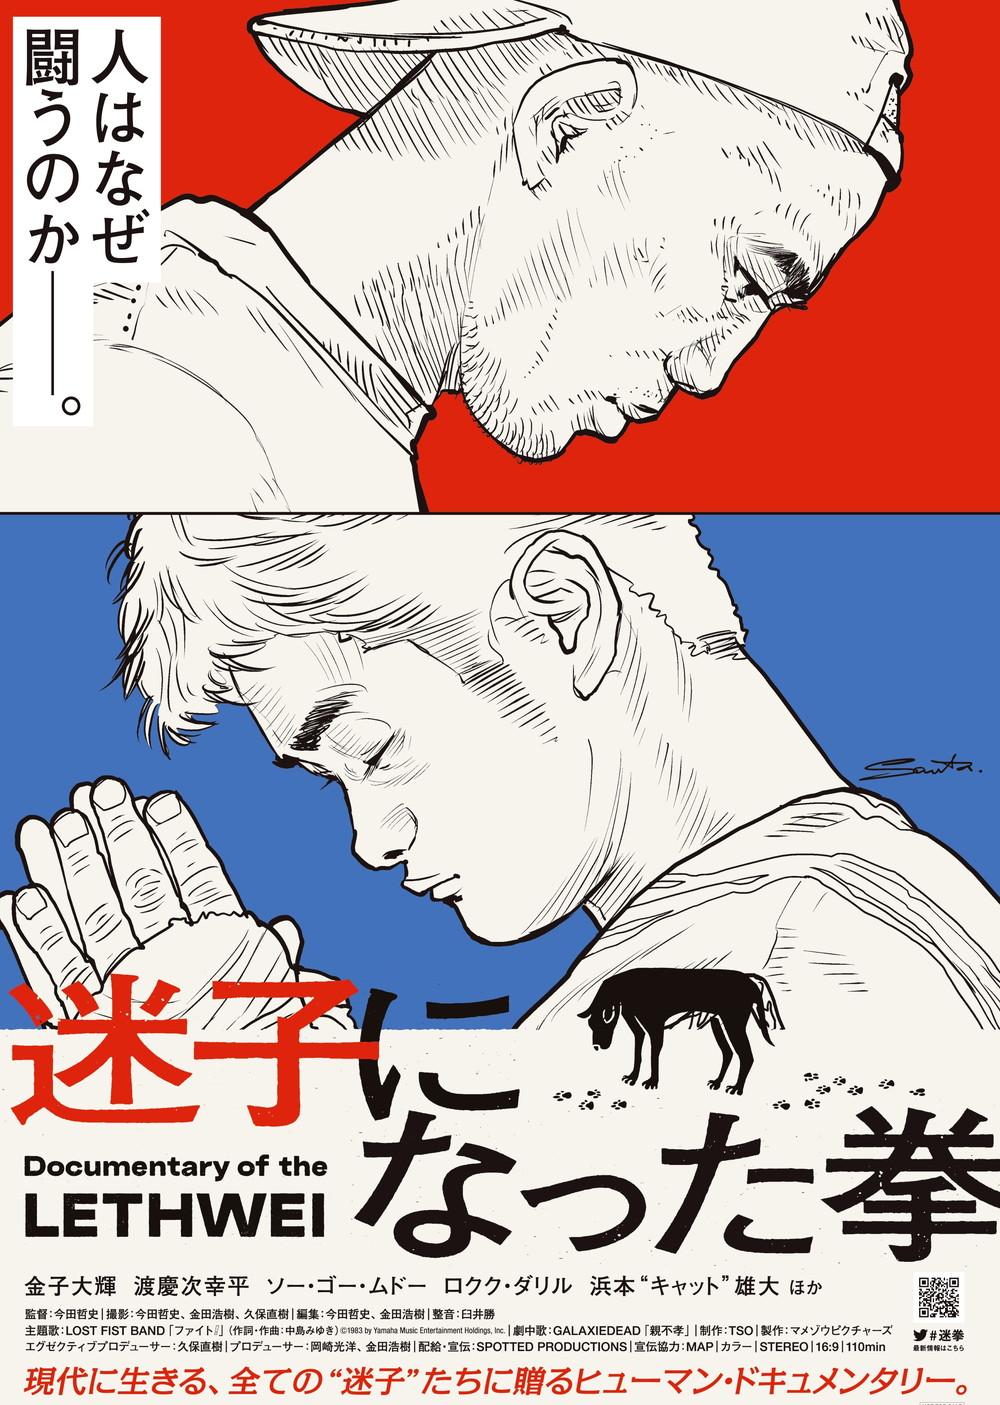 『迷子になった拳』イラストポスター『迷子になった拳』イラストポスター